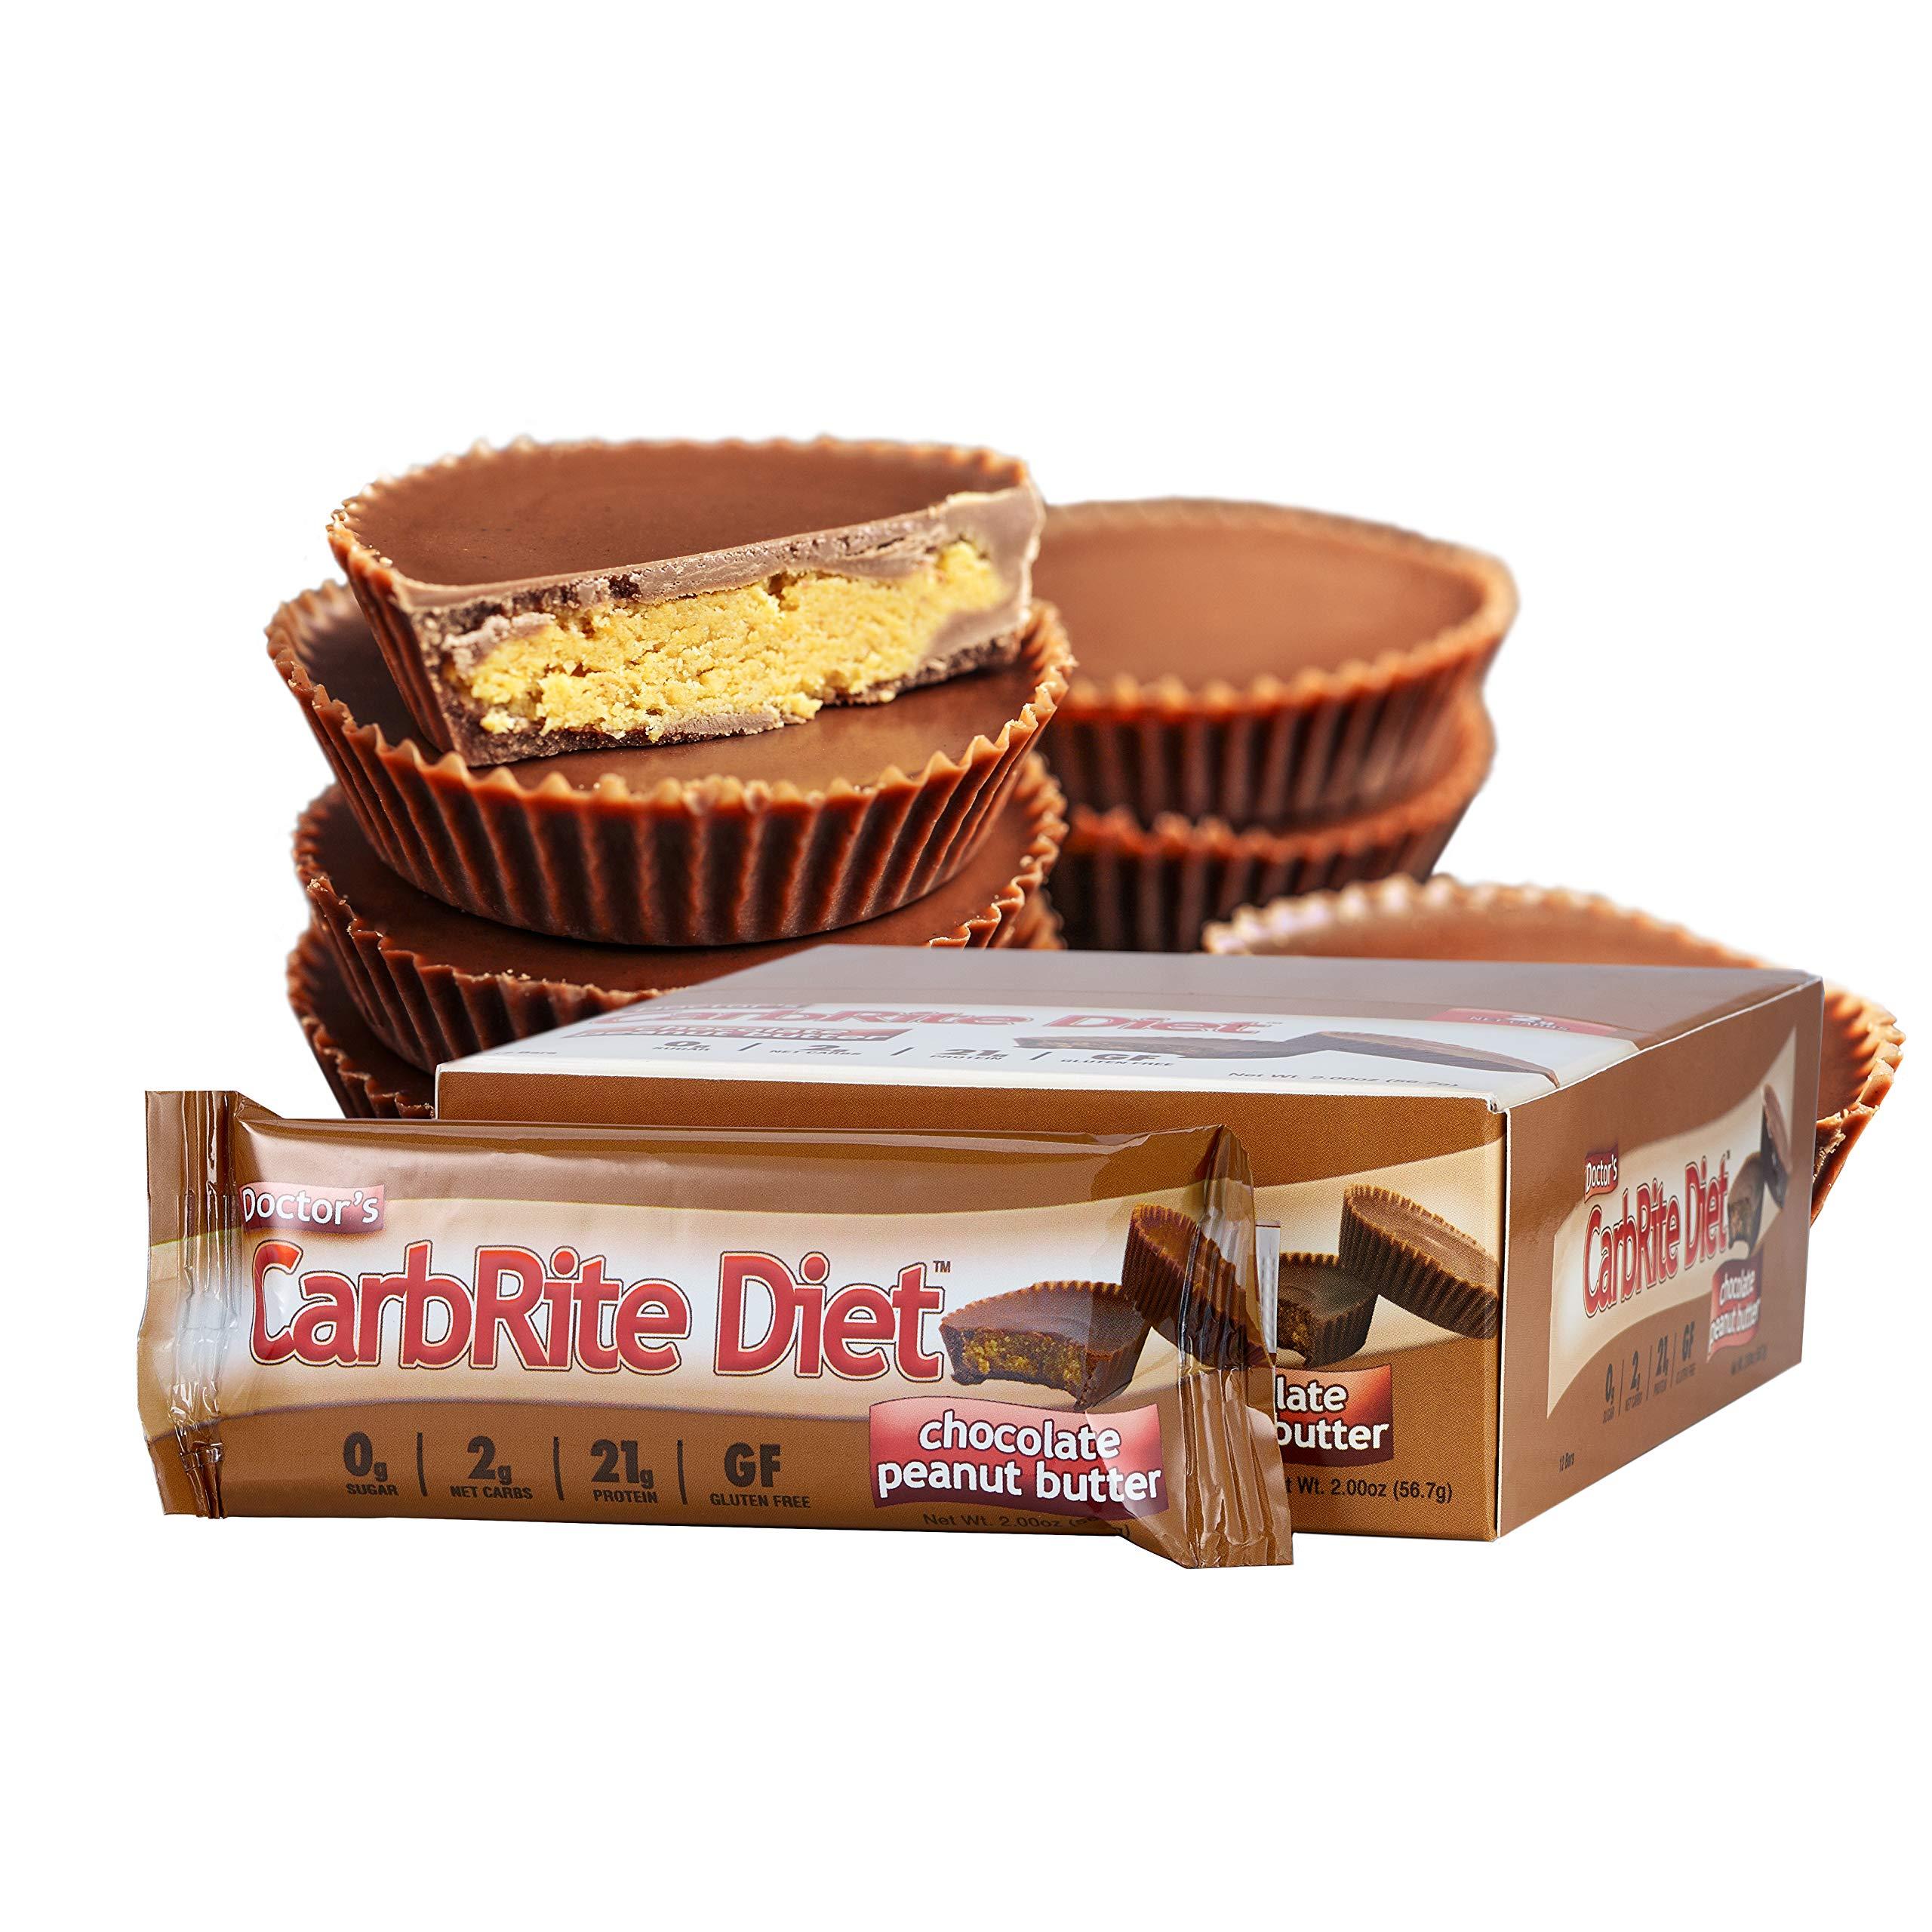 Universal Nutrition Gluten Free, Sugar Free, Doctor's CarbRite Diet Protein Bar Chocolate Peanut Butter 2 oz bar 12 Count by Doctor's CarbRite Diet